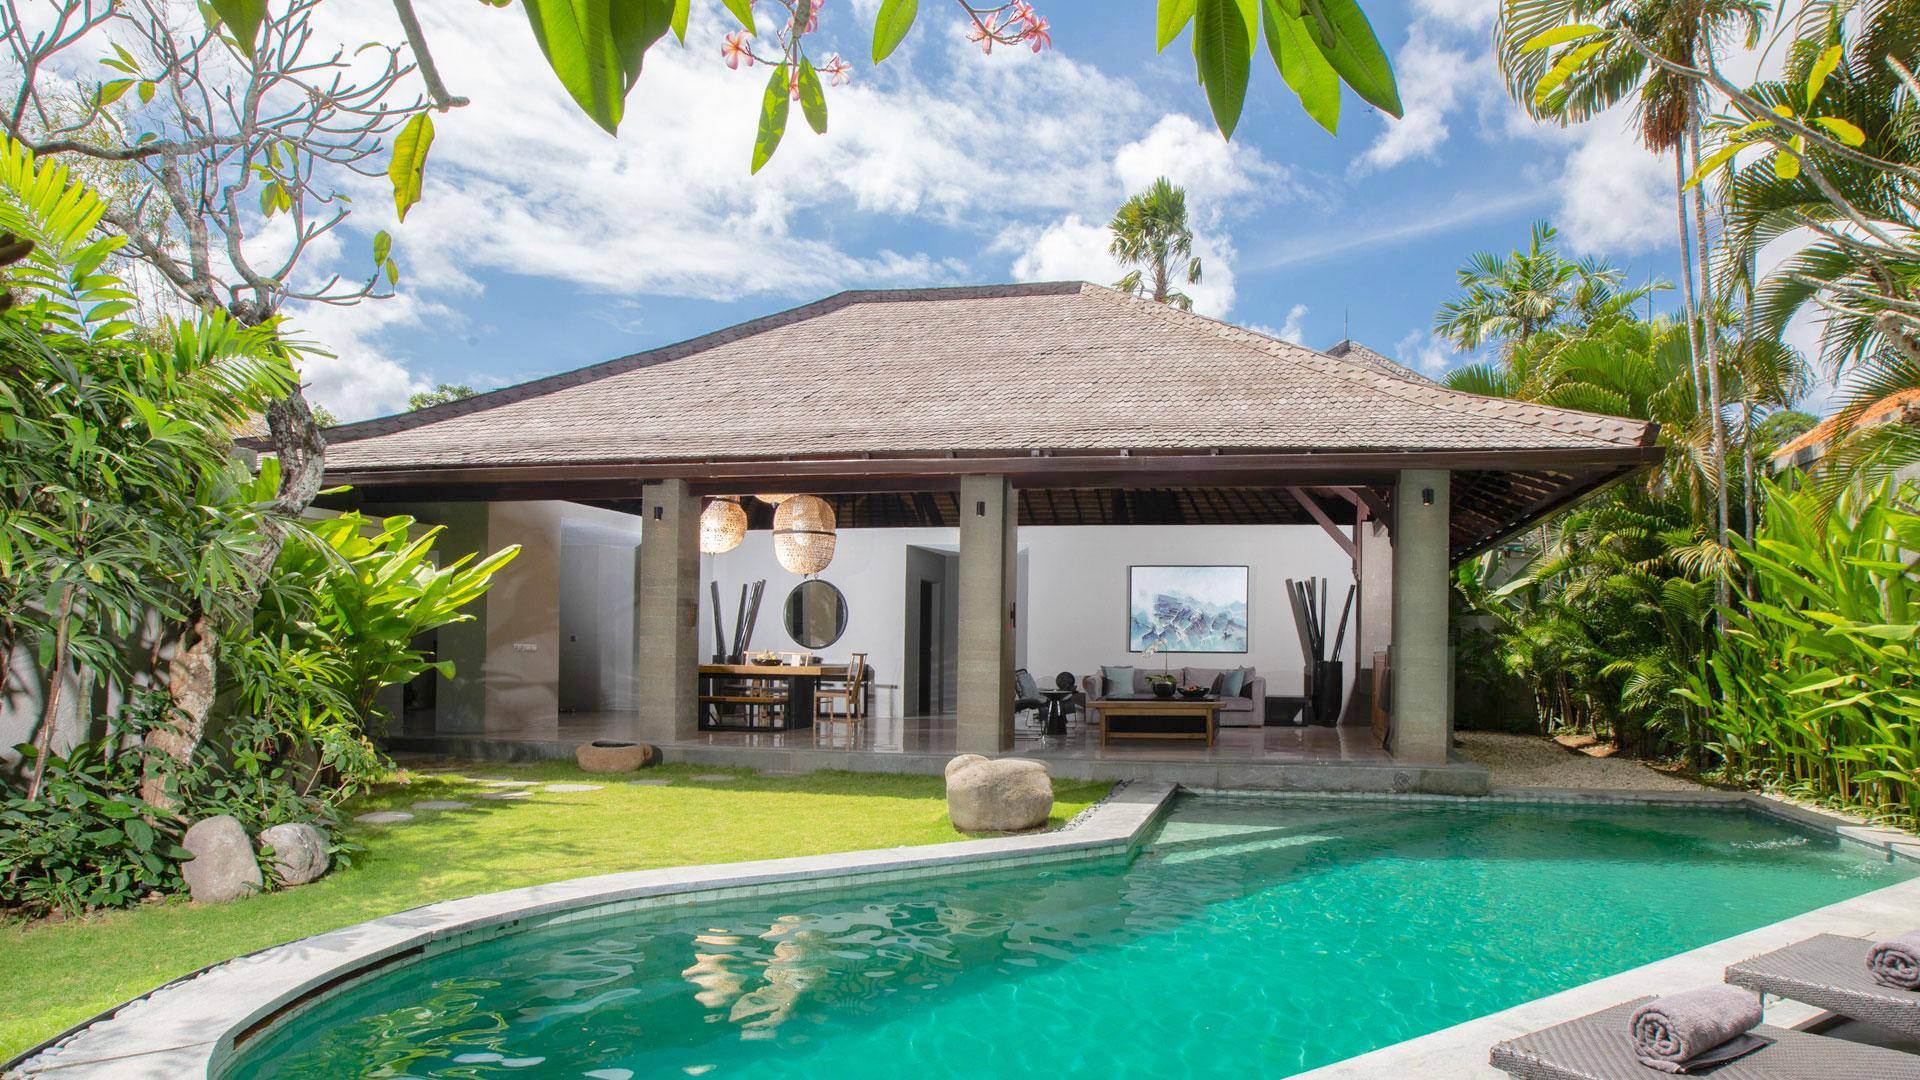 The Amala Estate